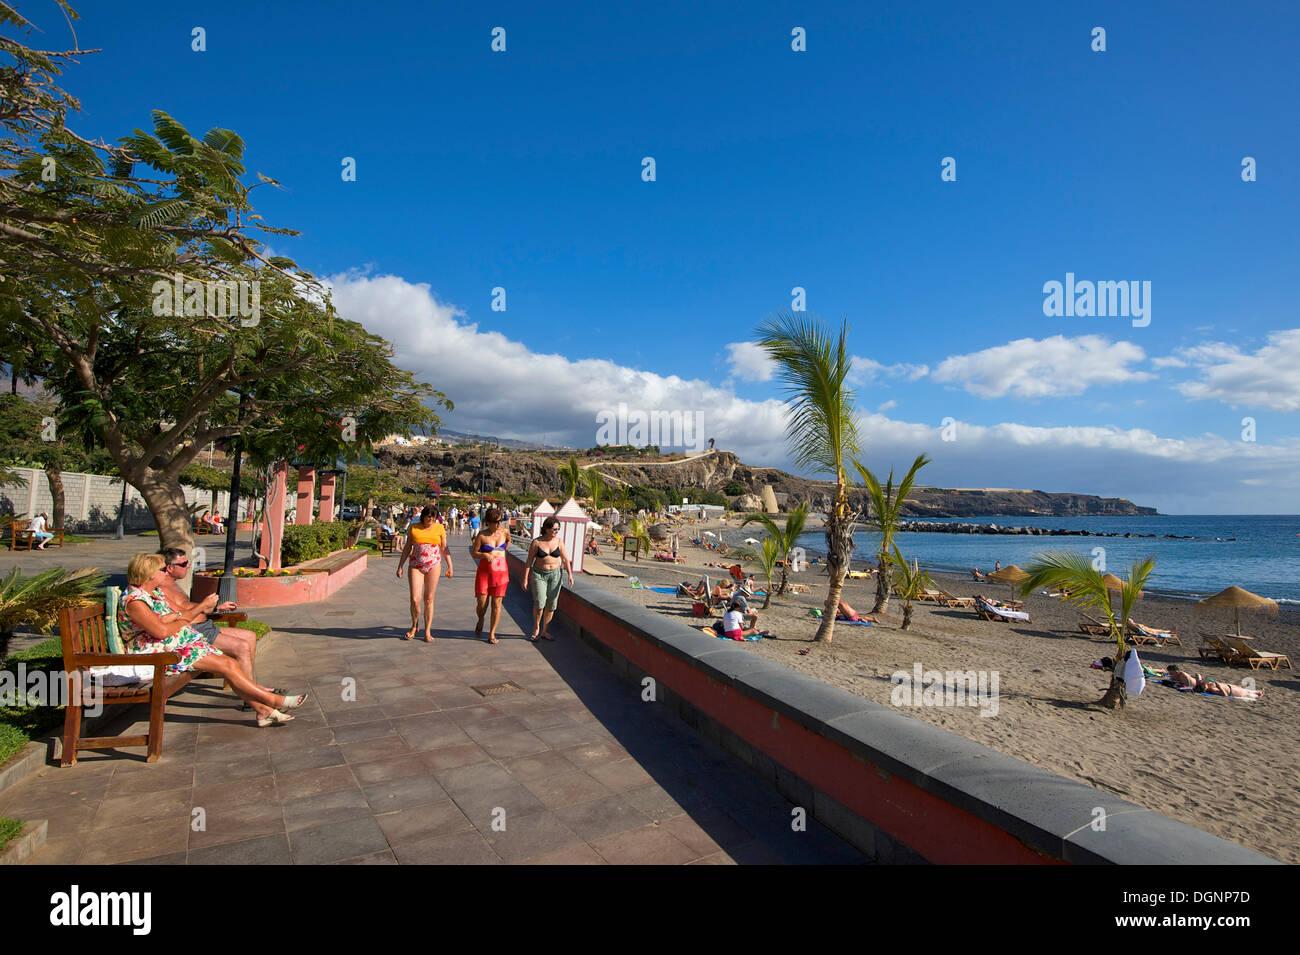 Playa, paseo marítimo de San Juan, Tenerife, Islas Canarias, España, Europa Imagen De Stock